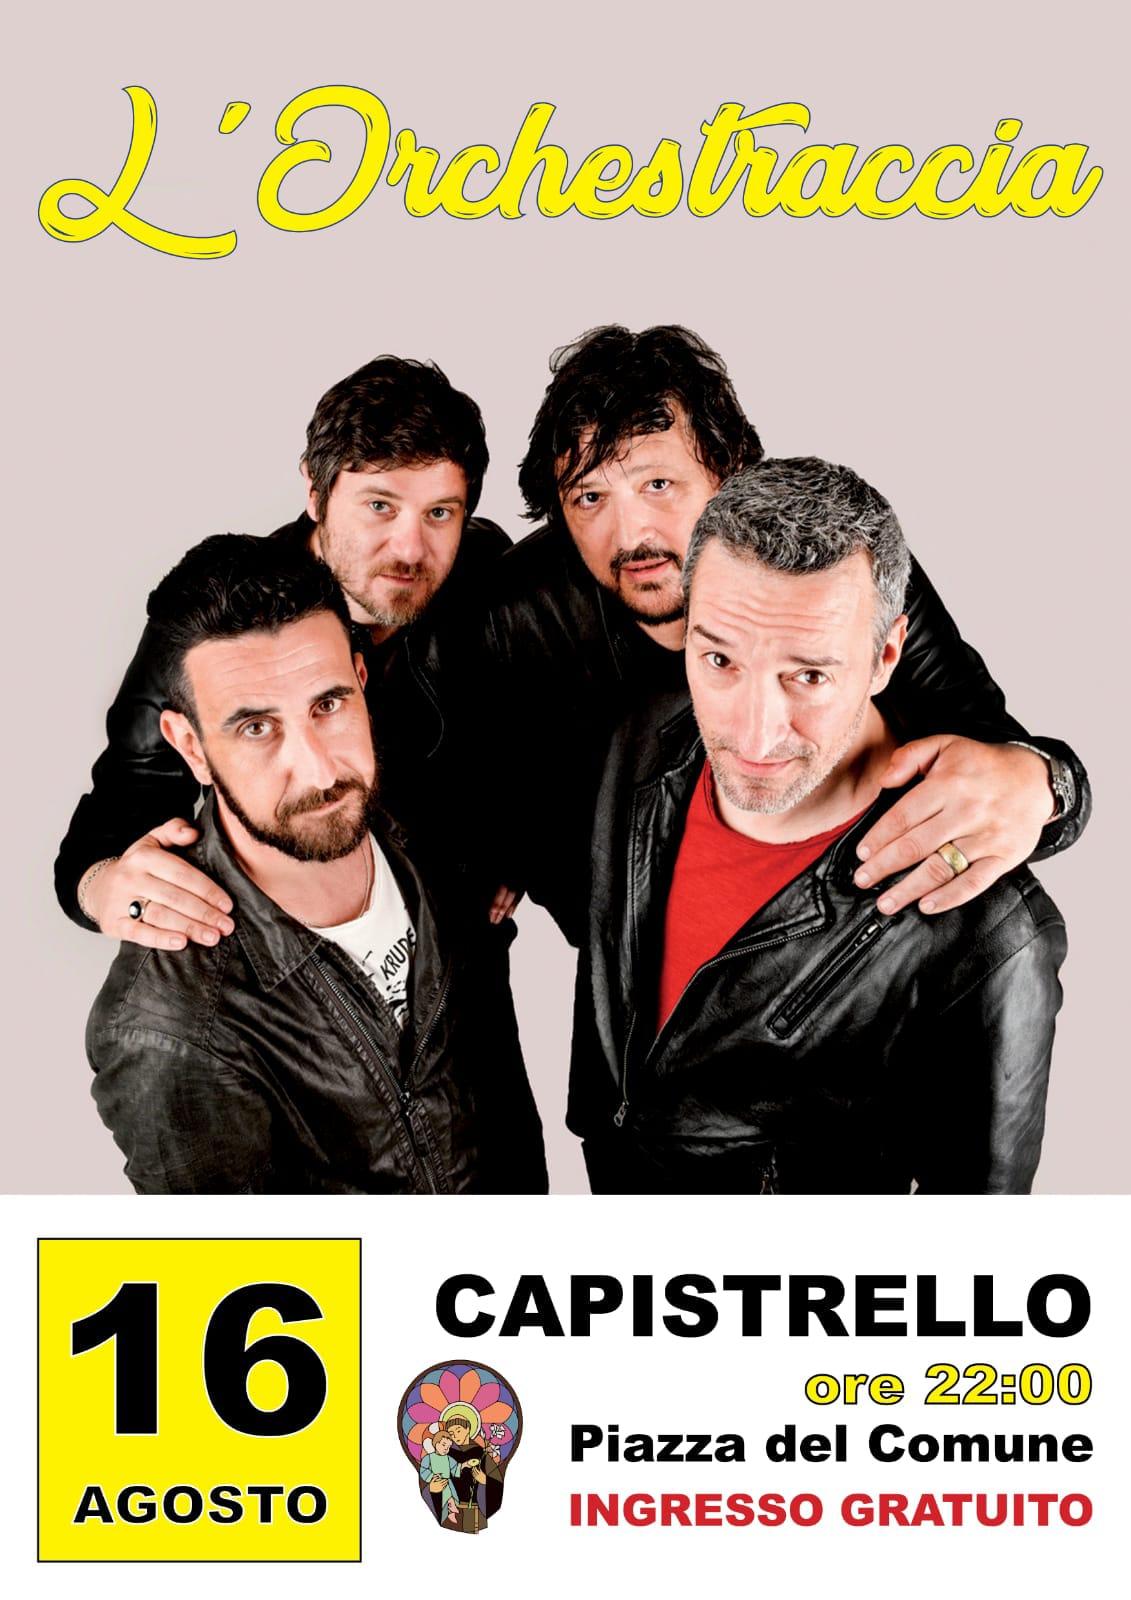 Musica e divertimento a Capistrello con l'Orchestraccia, la band romana che porta allegria sui palchi di tutta Italia